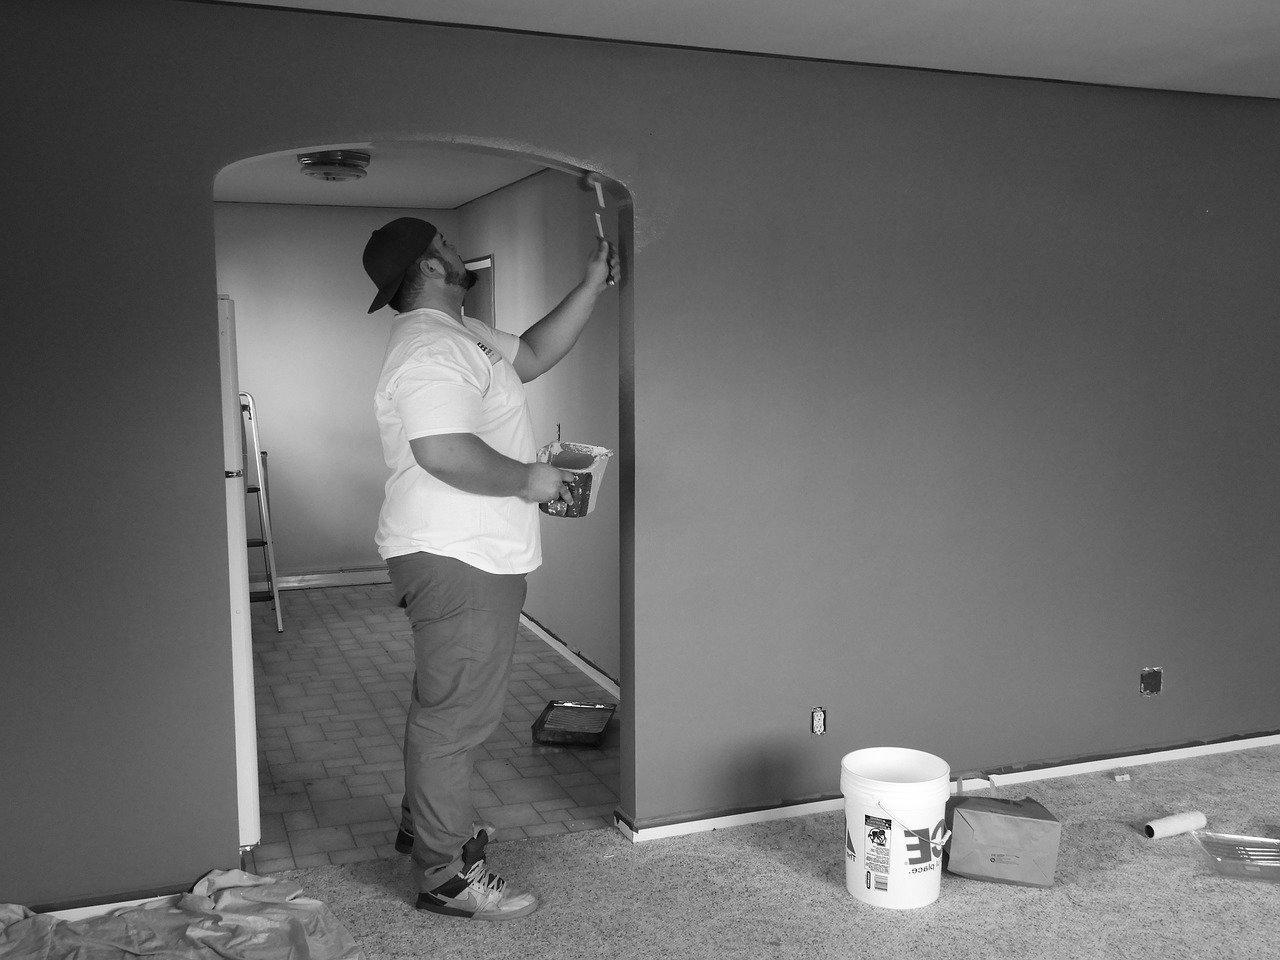 Rénover une maison à Capesterre-Belle-Eau 97130 | Entreprises de rénovation